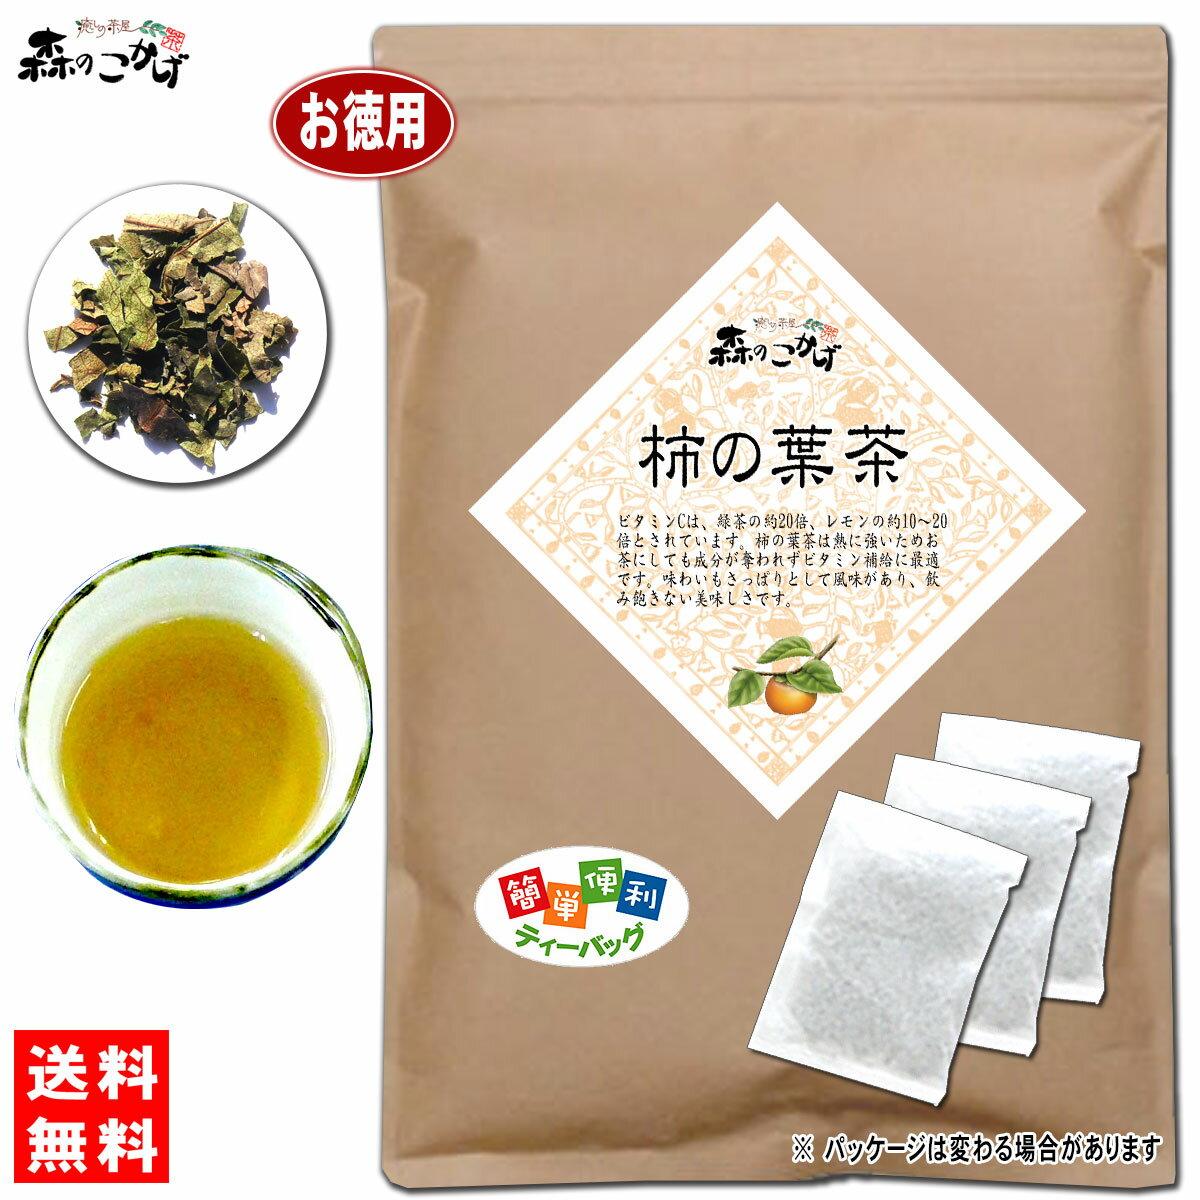 ピーアットライフ『森のこかげ柿の葉茶』